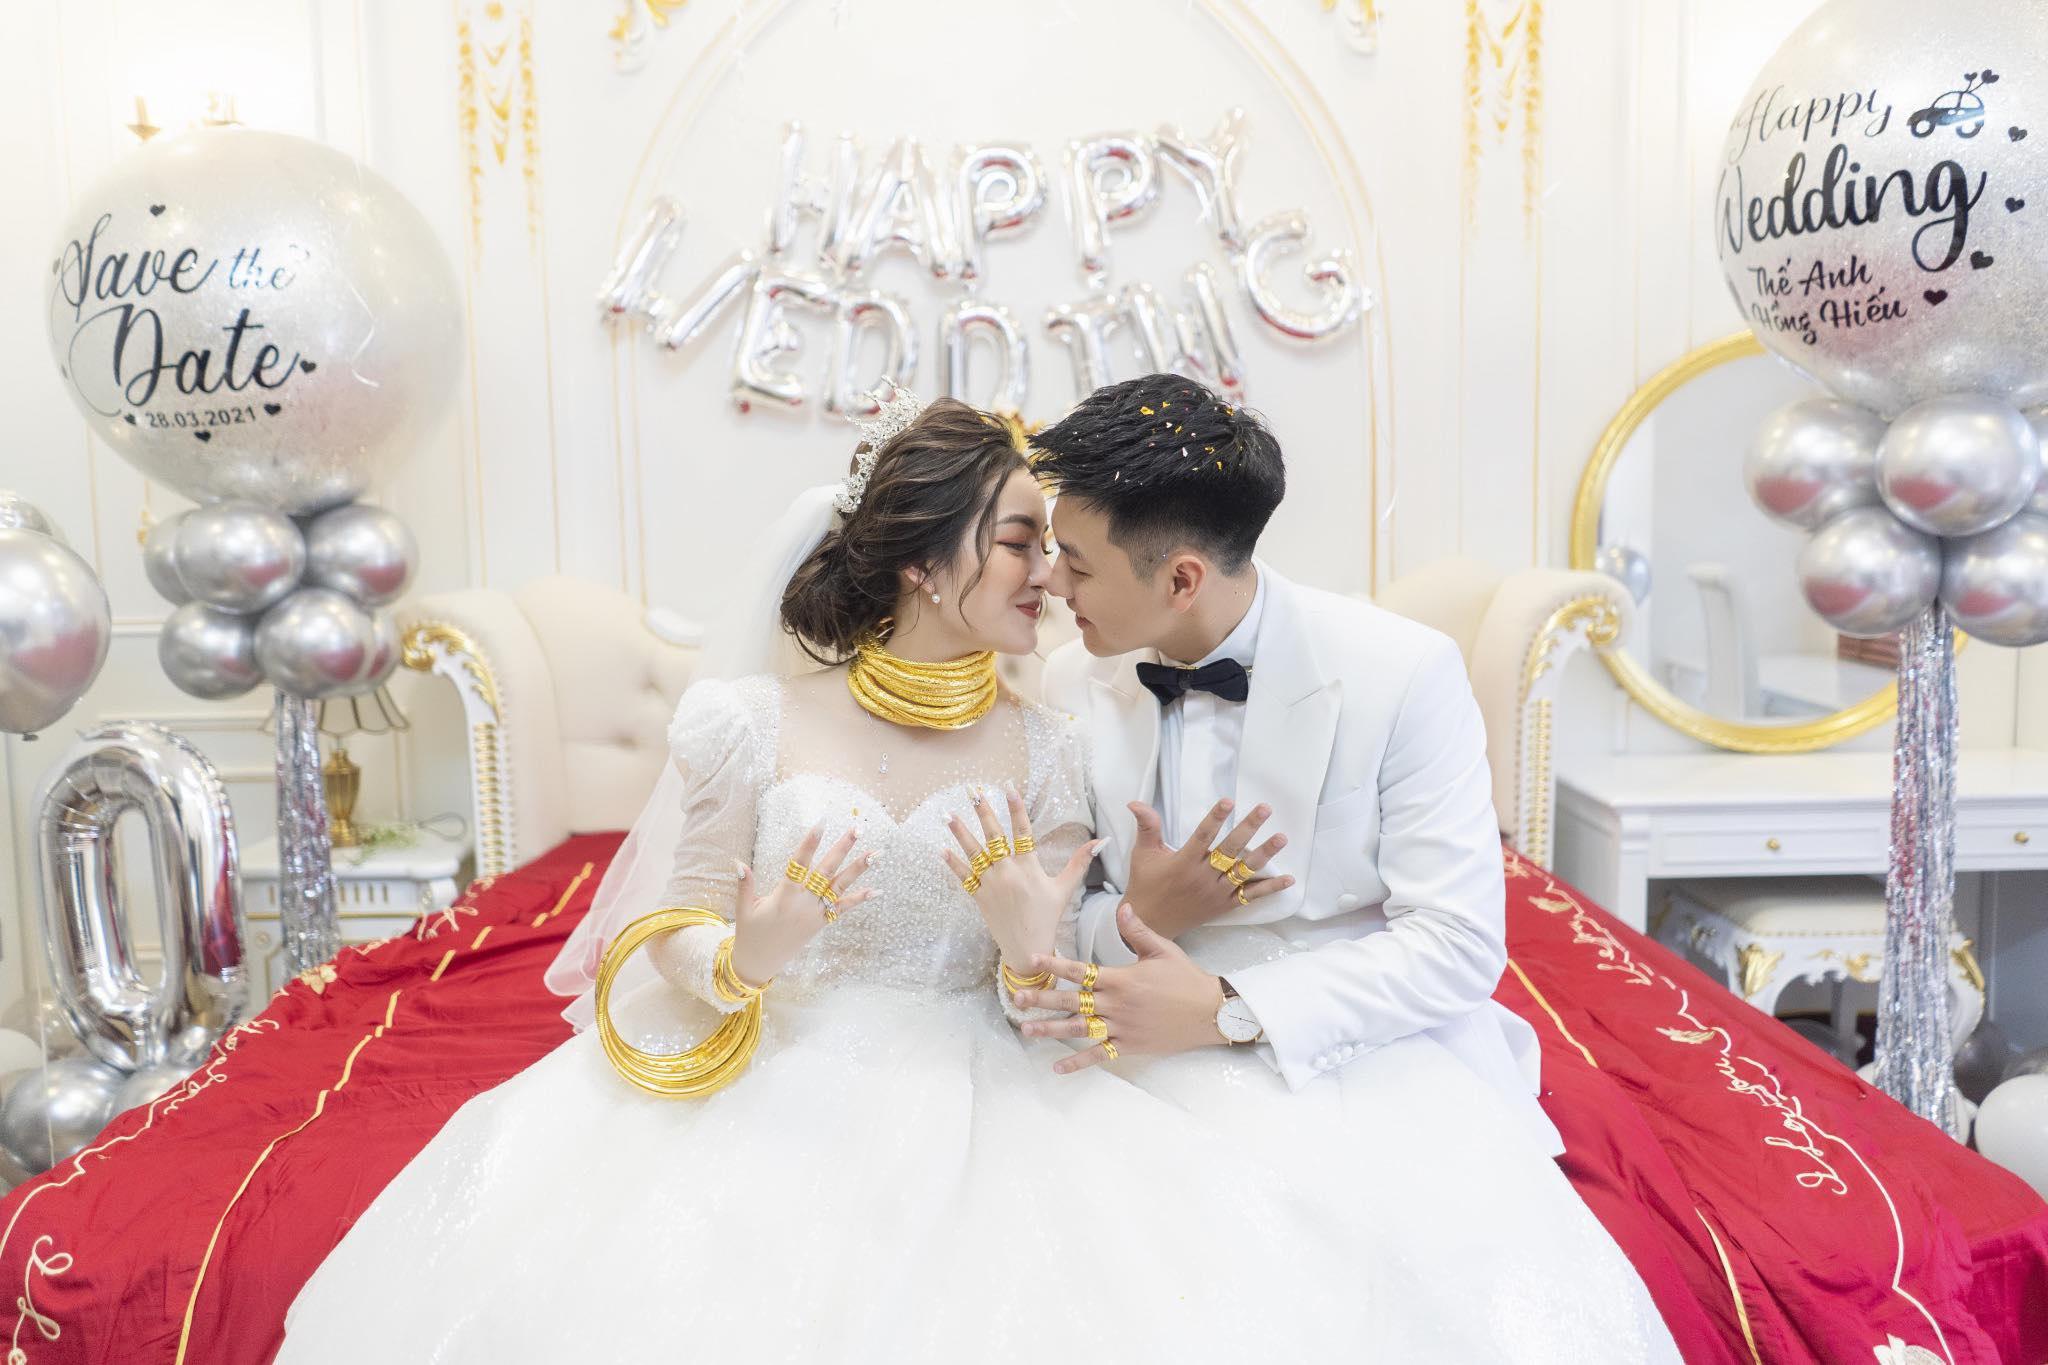 Cô dâu 9X xinh đẹp đeo vàng trĩu cổ, kín tay trong ngày cưới gây sốt mạng - 1